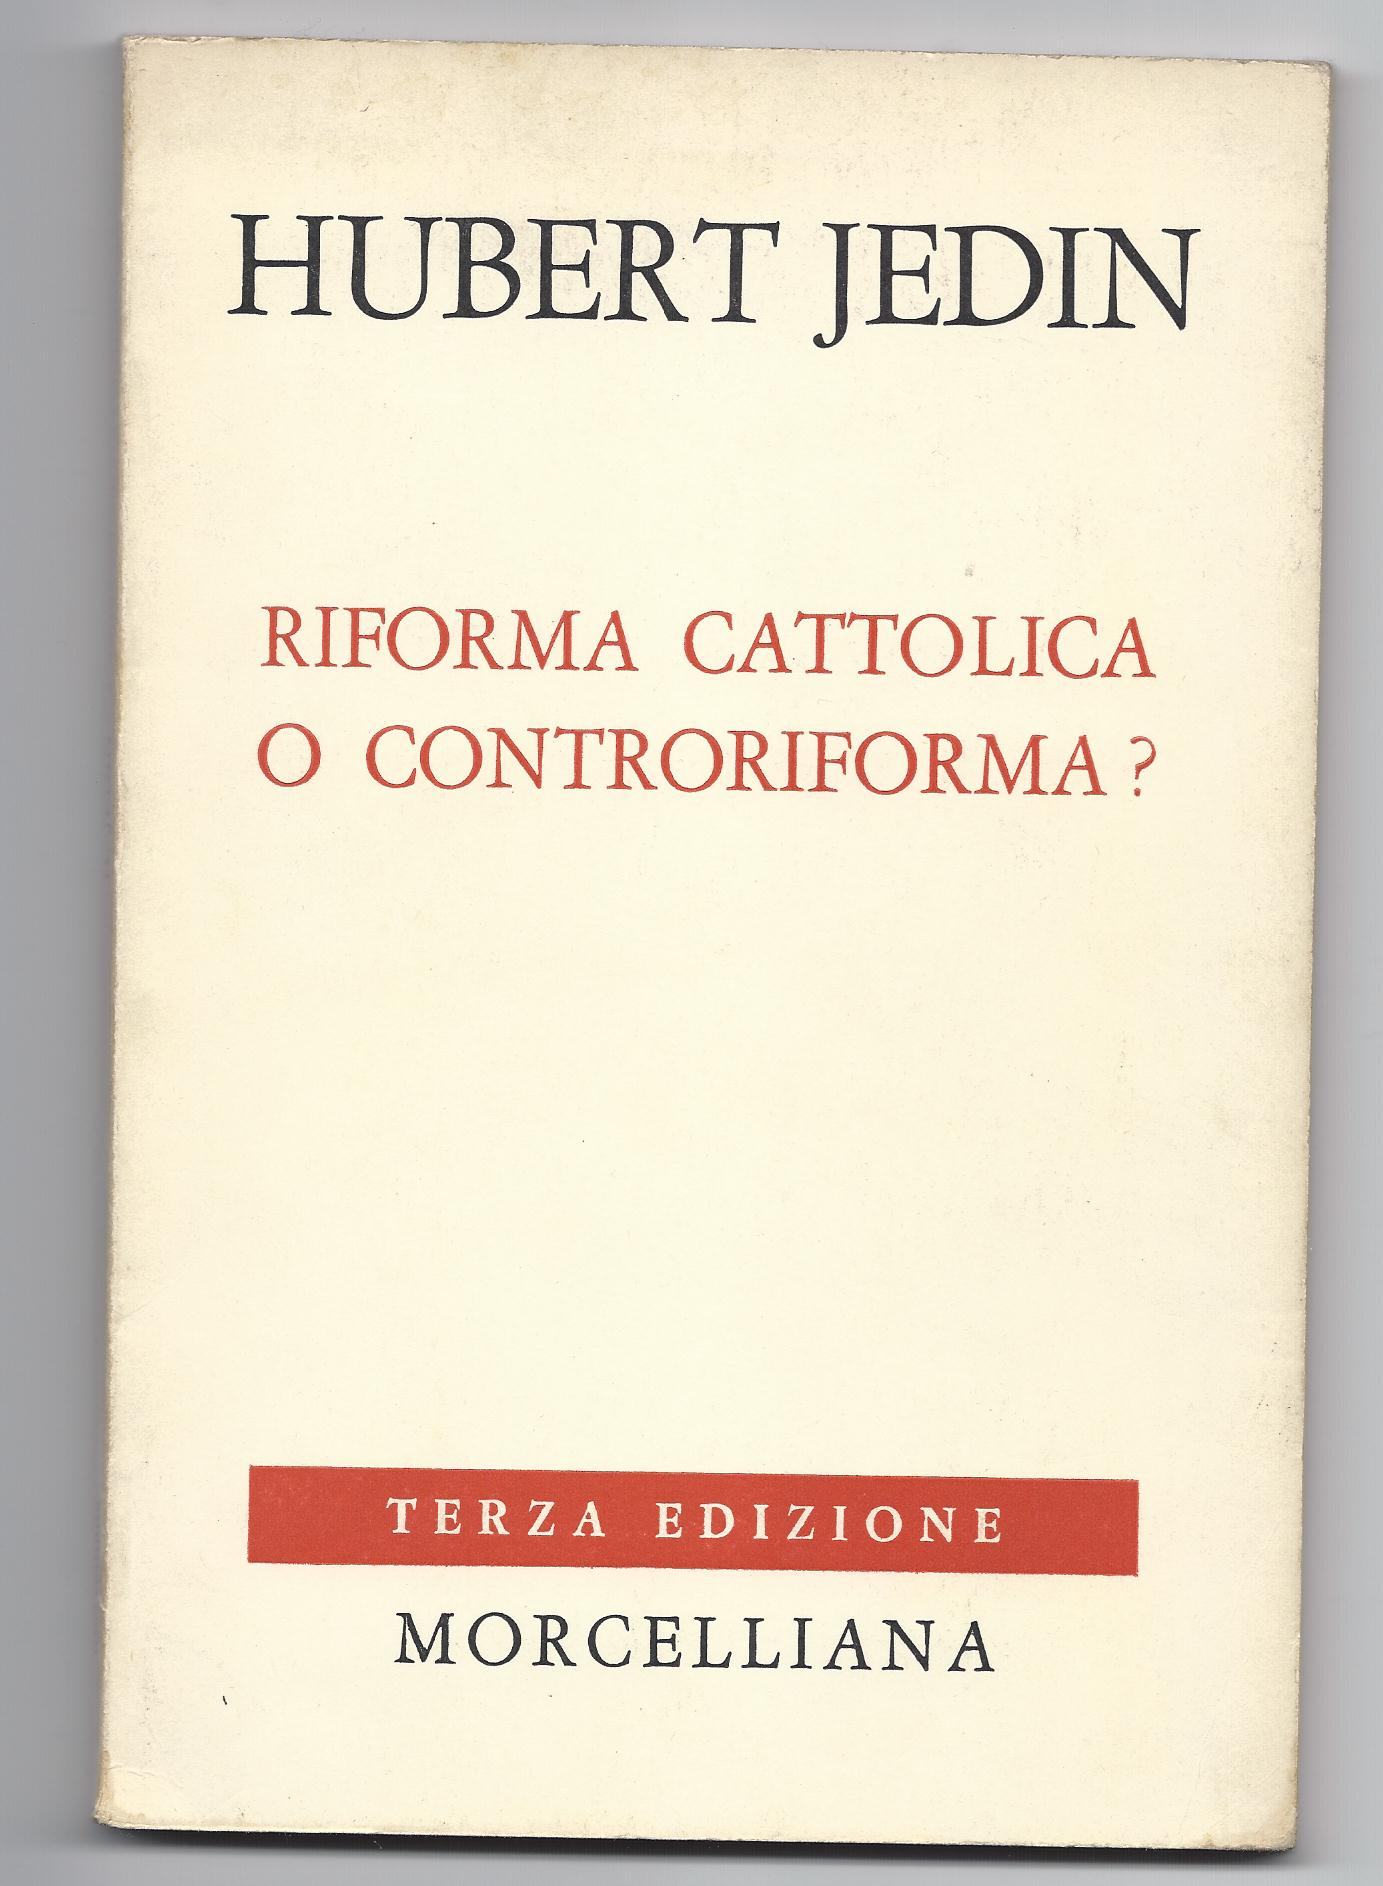 Riforma cattolica o controriforma?